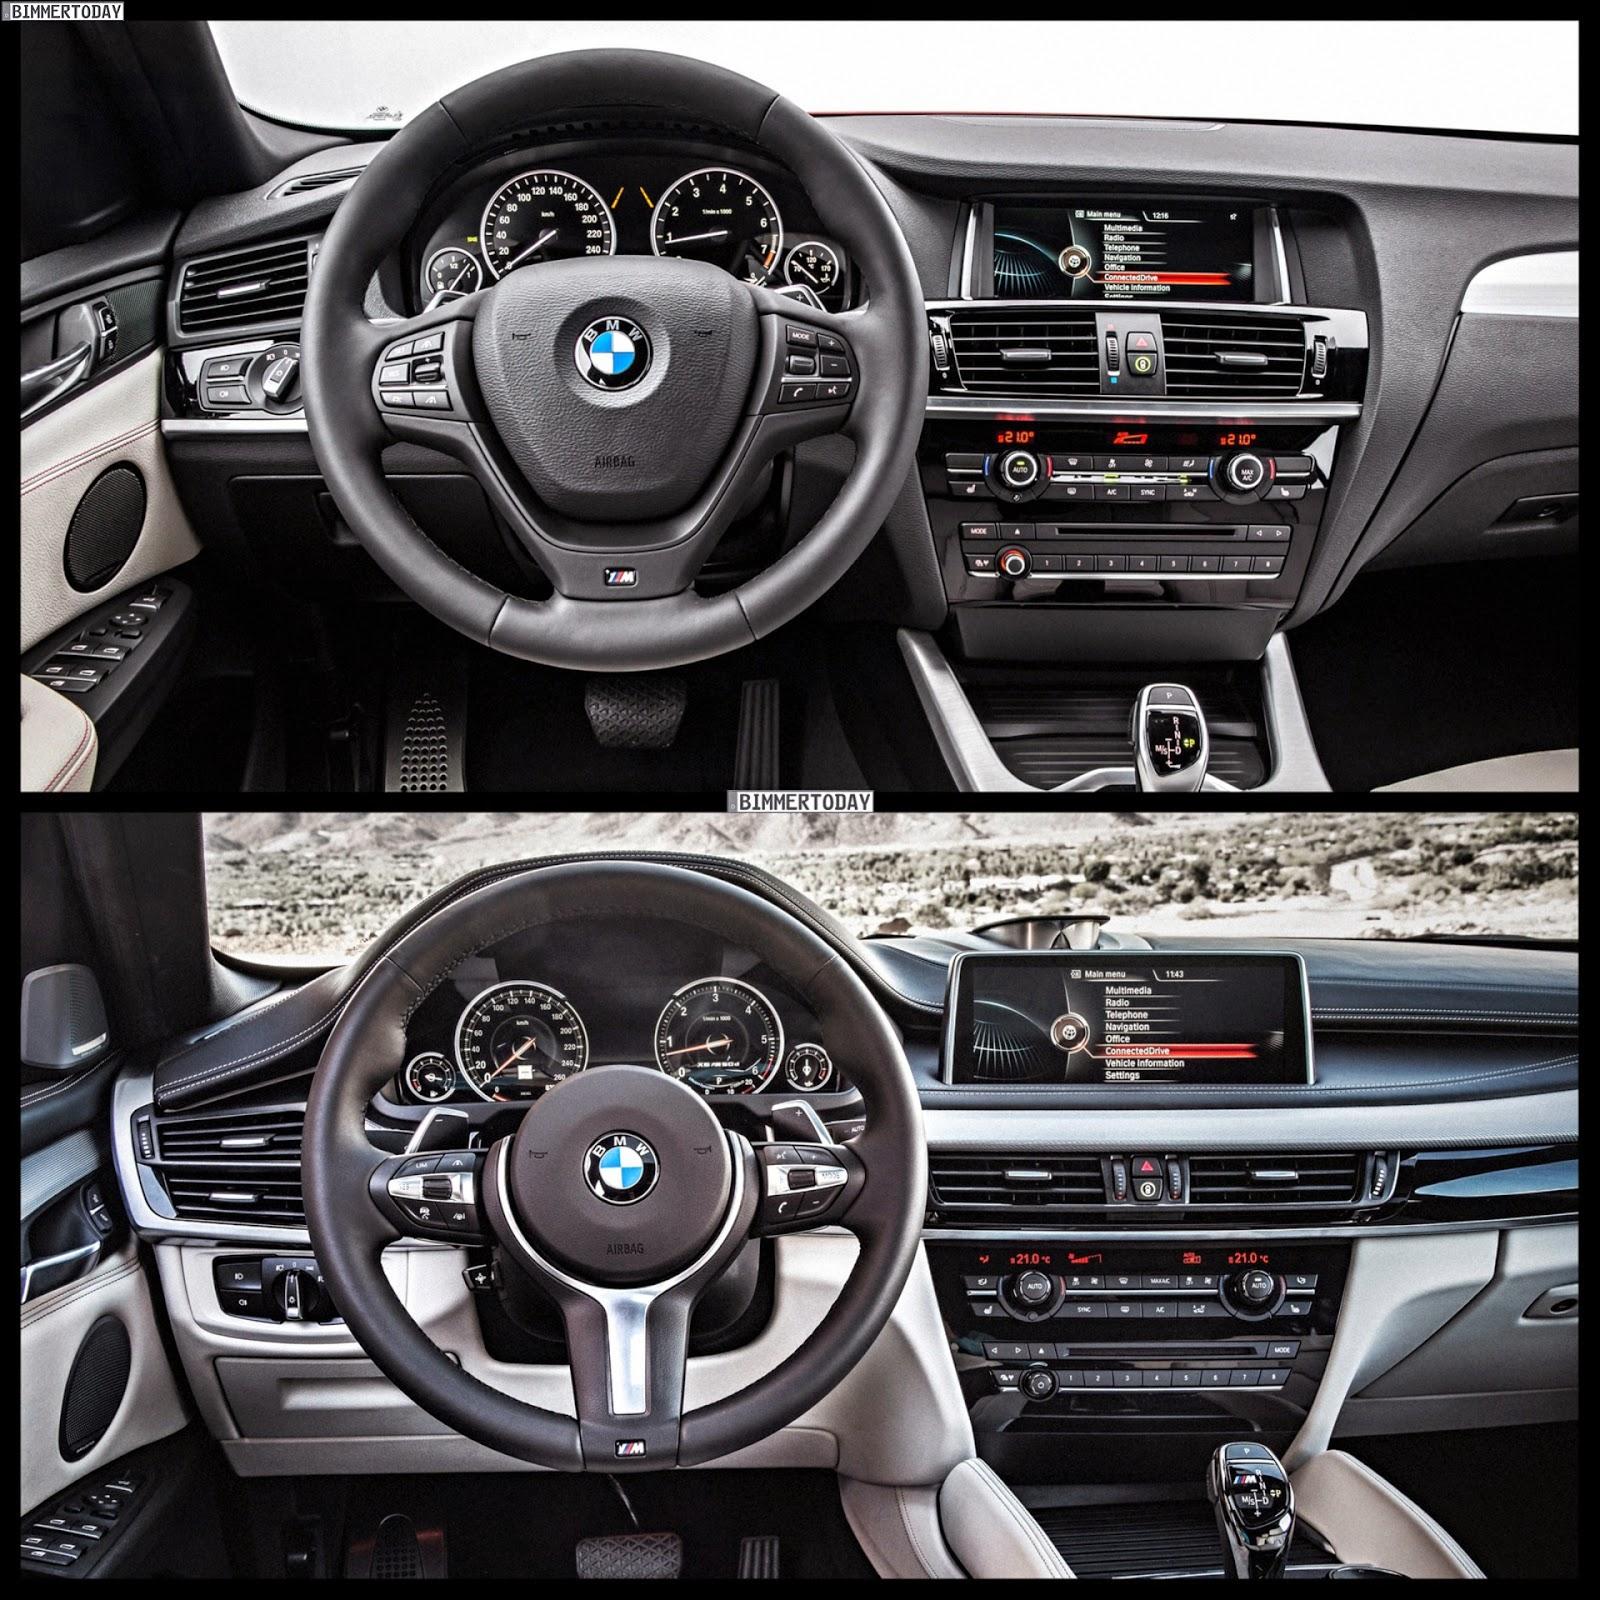 2015 Bmw X4 Vs 2015 Bmw X6 Which One To Buy Big